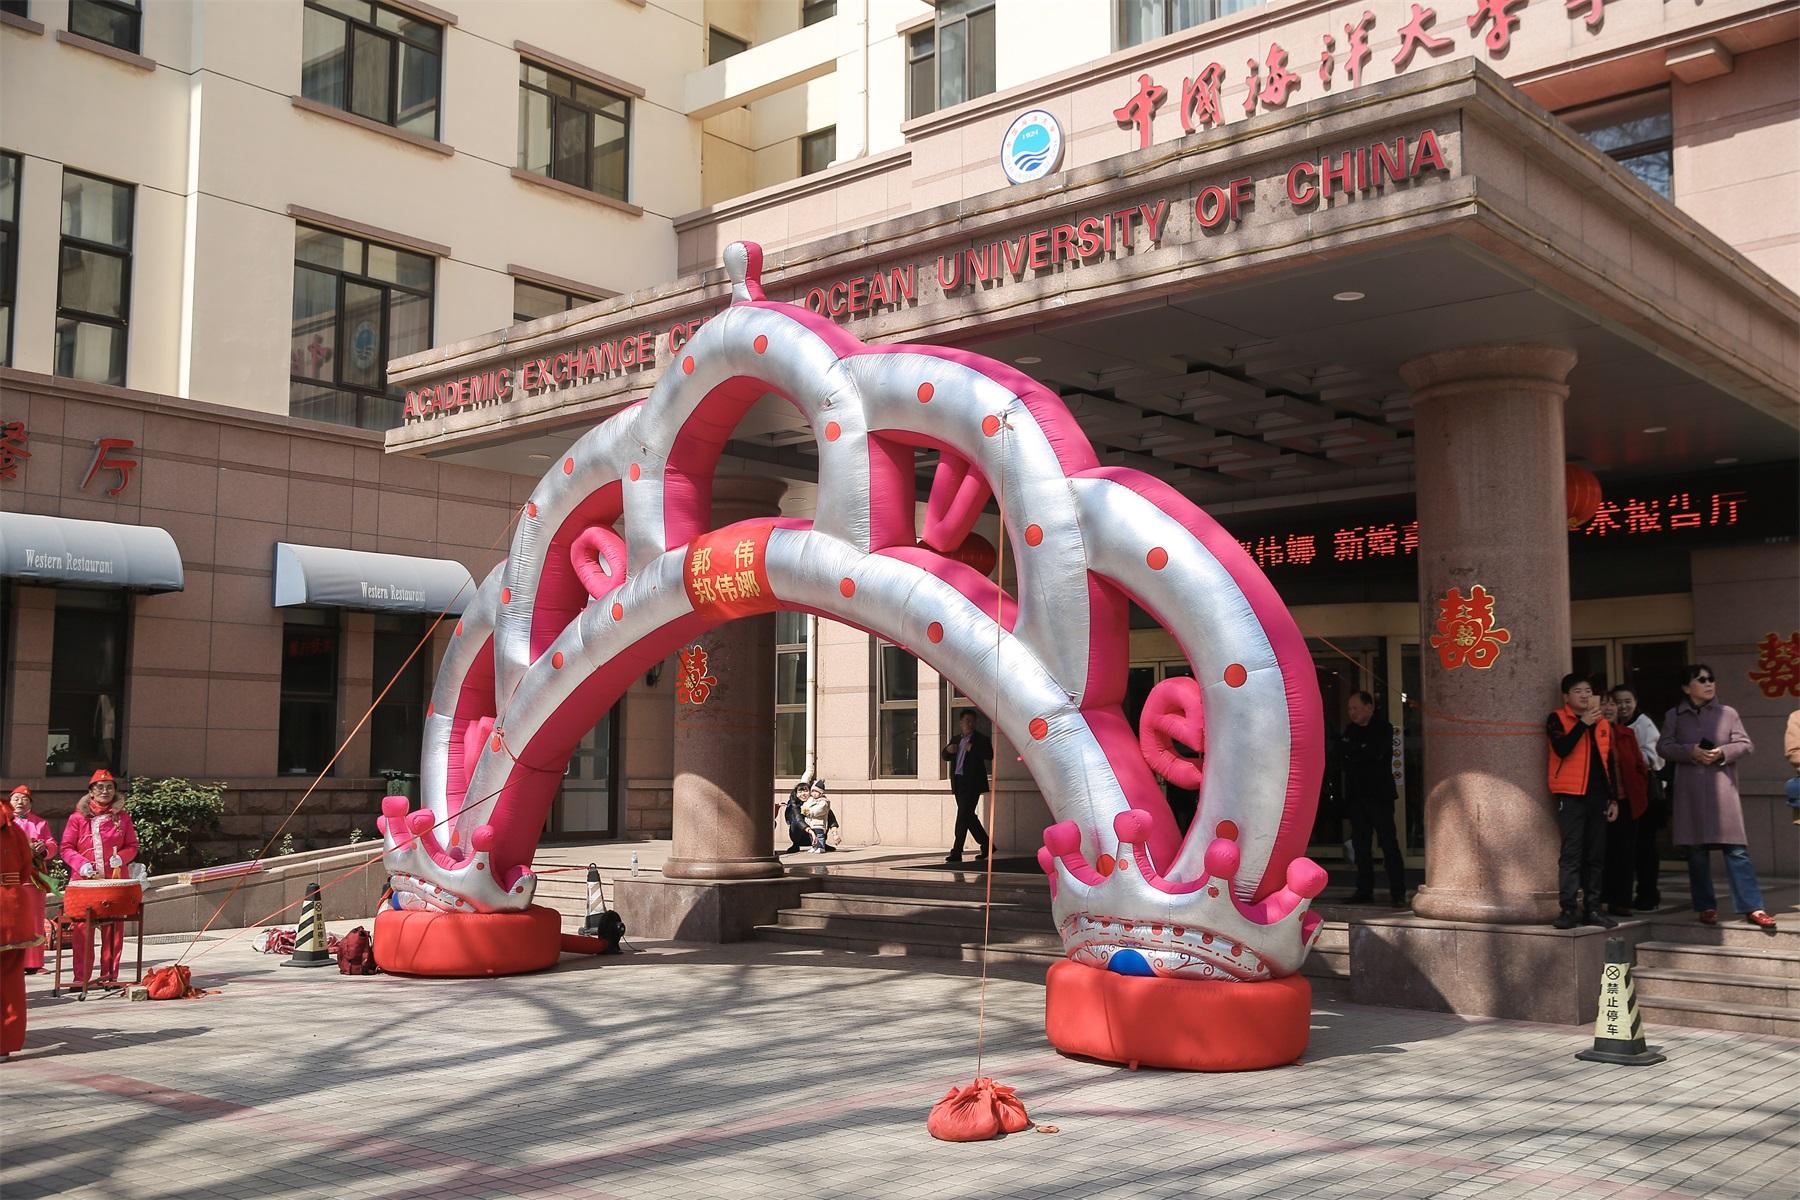 中国海洋大学学术交流中心婚宴预订